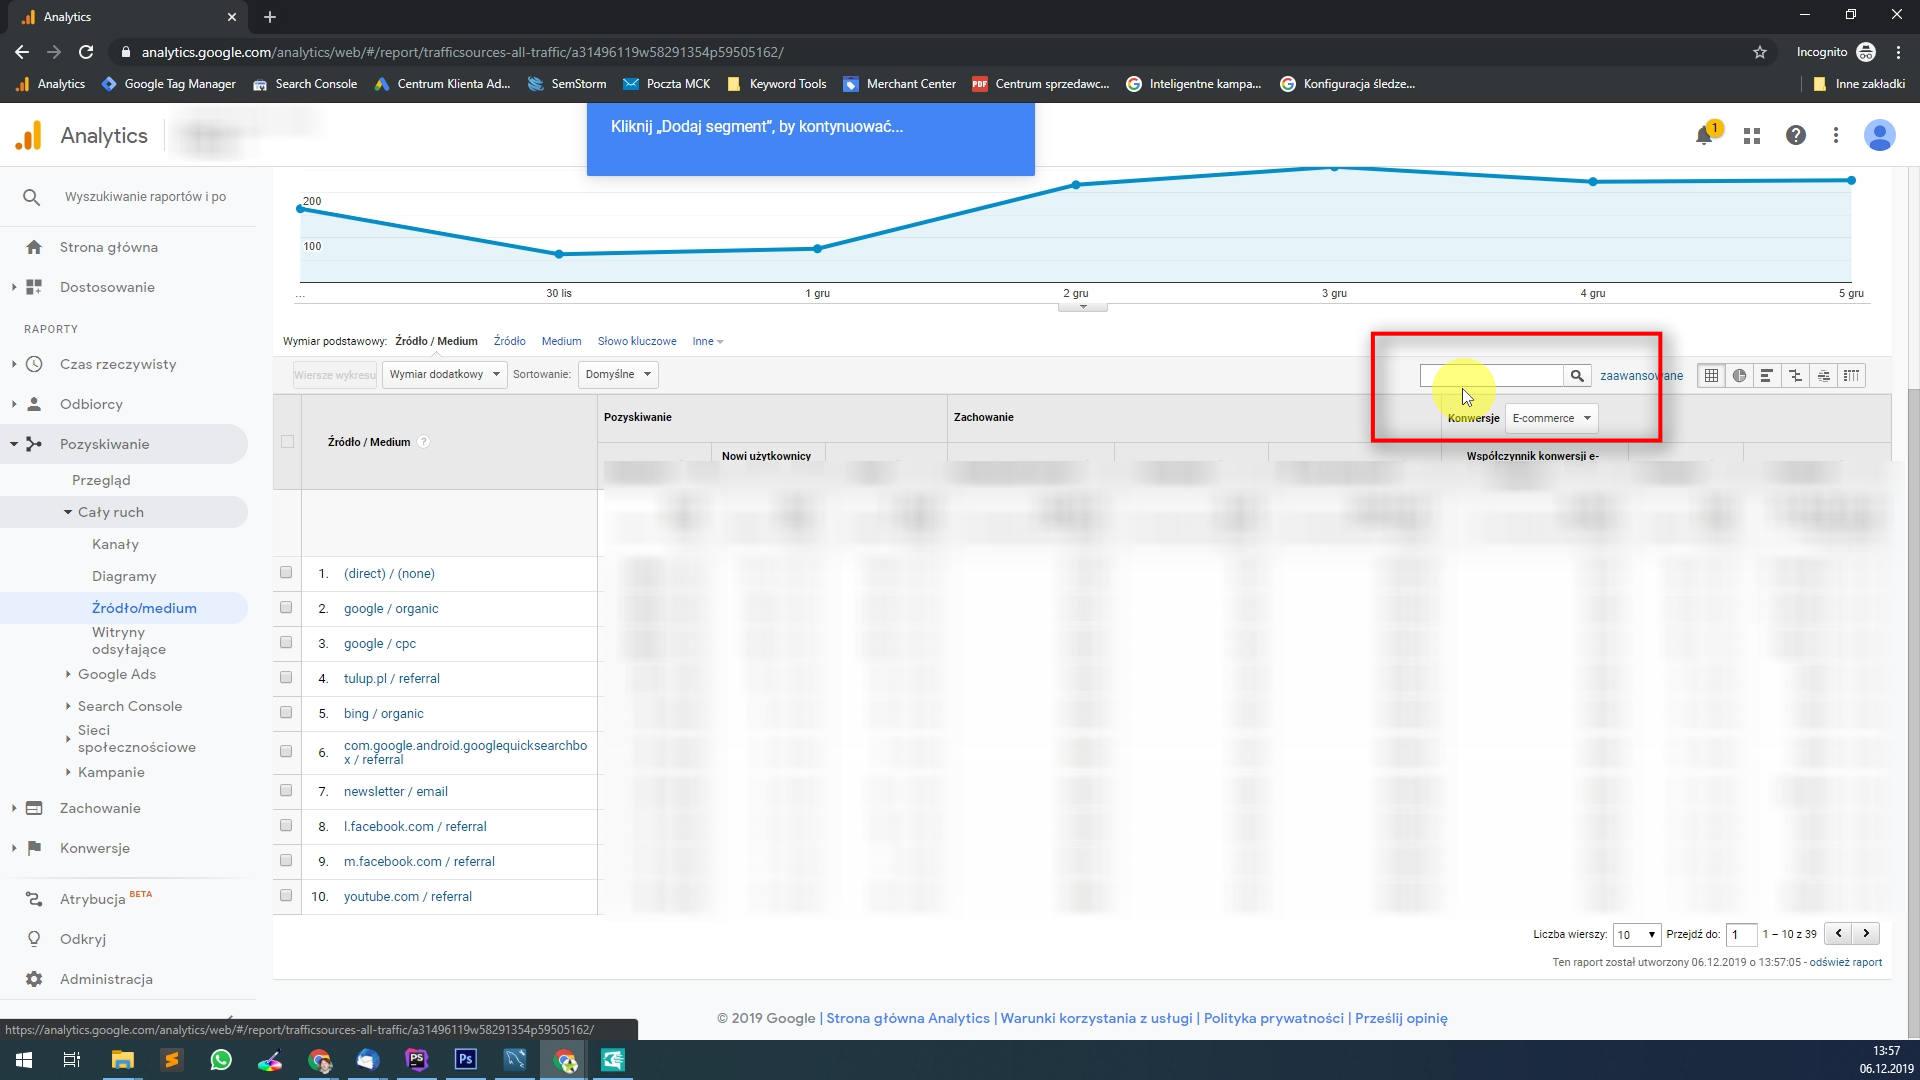 Na tym widoku mamy wszystkie dane ze źródeł z podziałem na media. Tagując dla google analytics praktycznie zawsze podaje się i uzupełnia utm_medium, w przypadku newsletterów będzie to np. email. Wyszukajmy w widoku i zawęźmi go tylko do newsletterów.